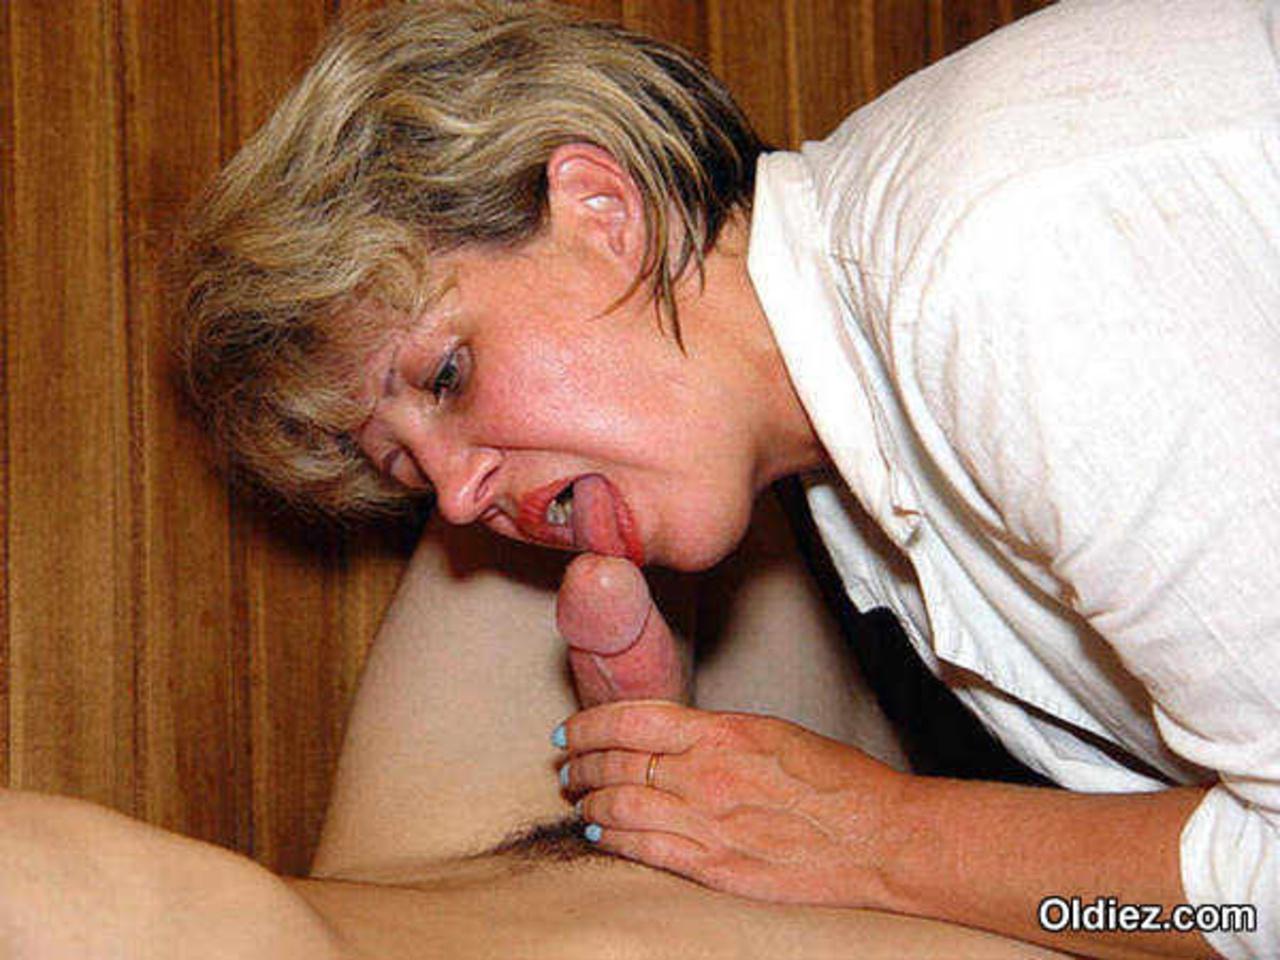 Фото порно зрелые миньет, Зрелые мамашки в чулках позируют голыми и любят 8 фотография